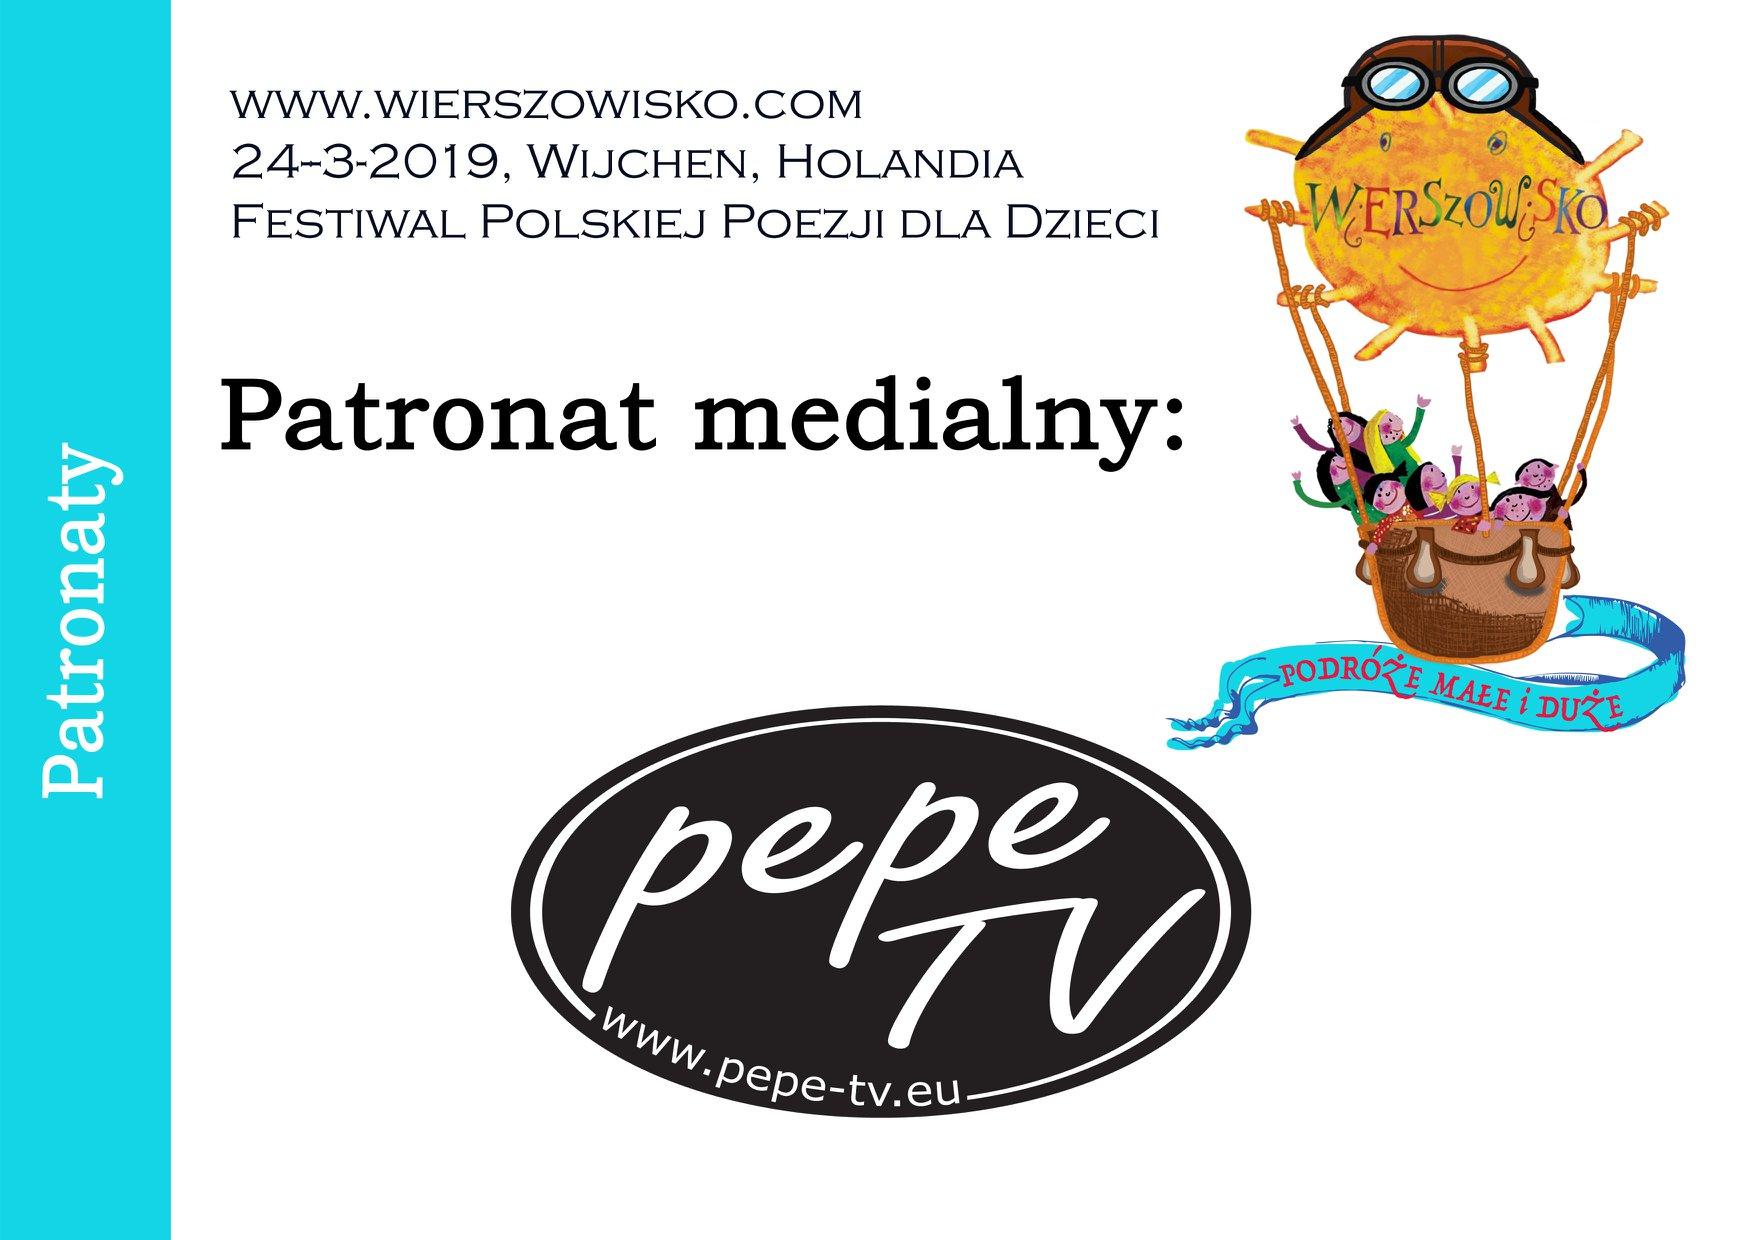 patronat pepe